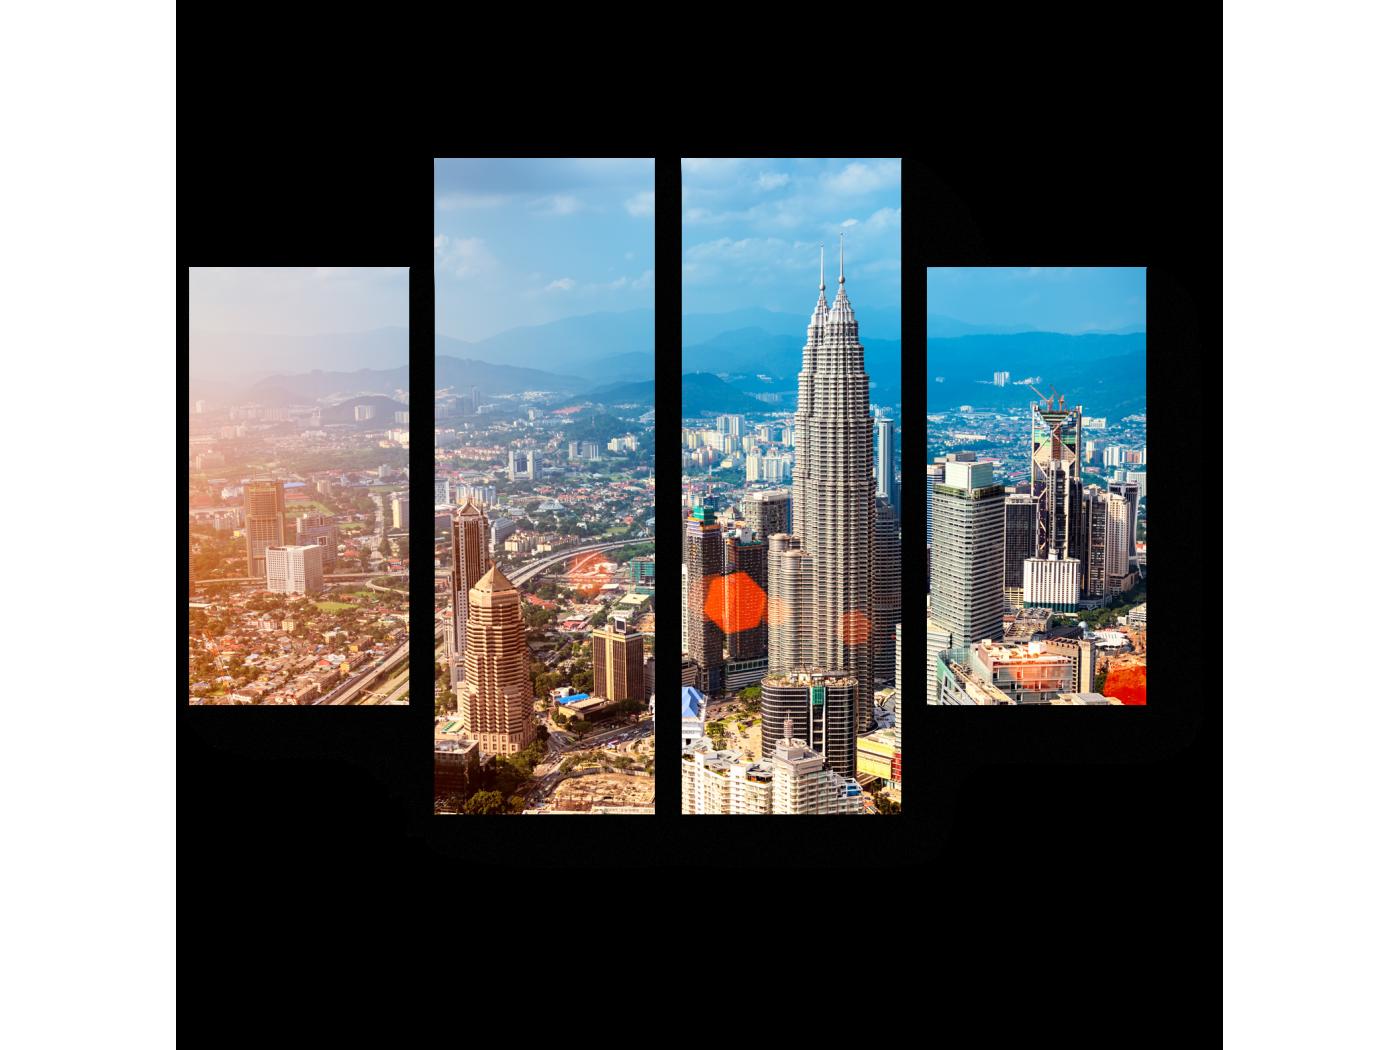 Модульная картина Куала-Лумпур с высоты птичьего полета (80x60) фото